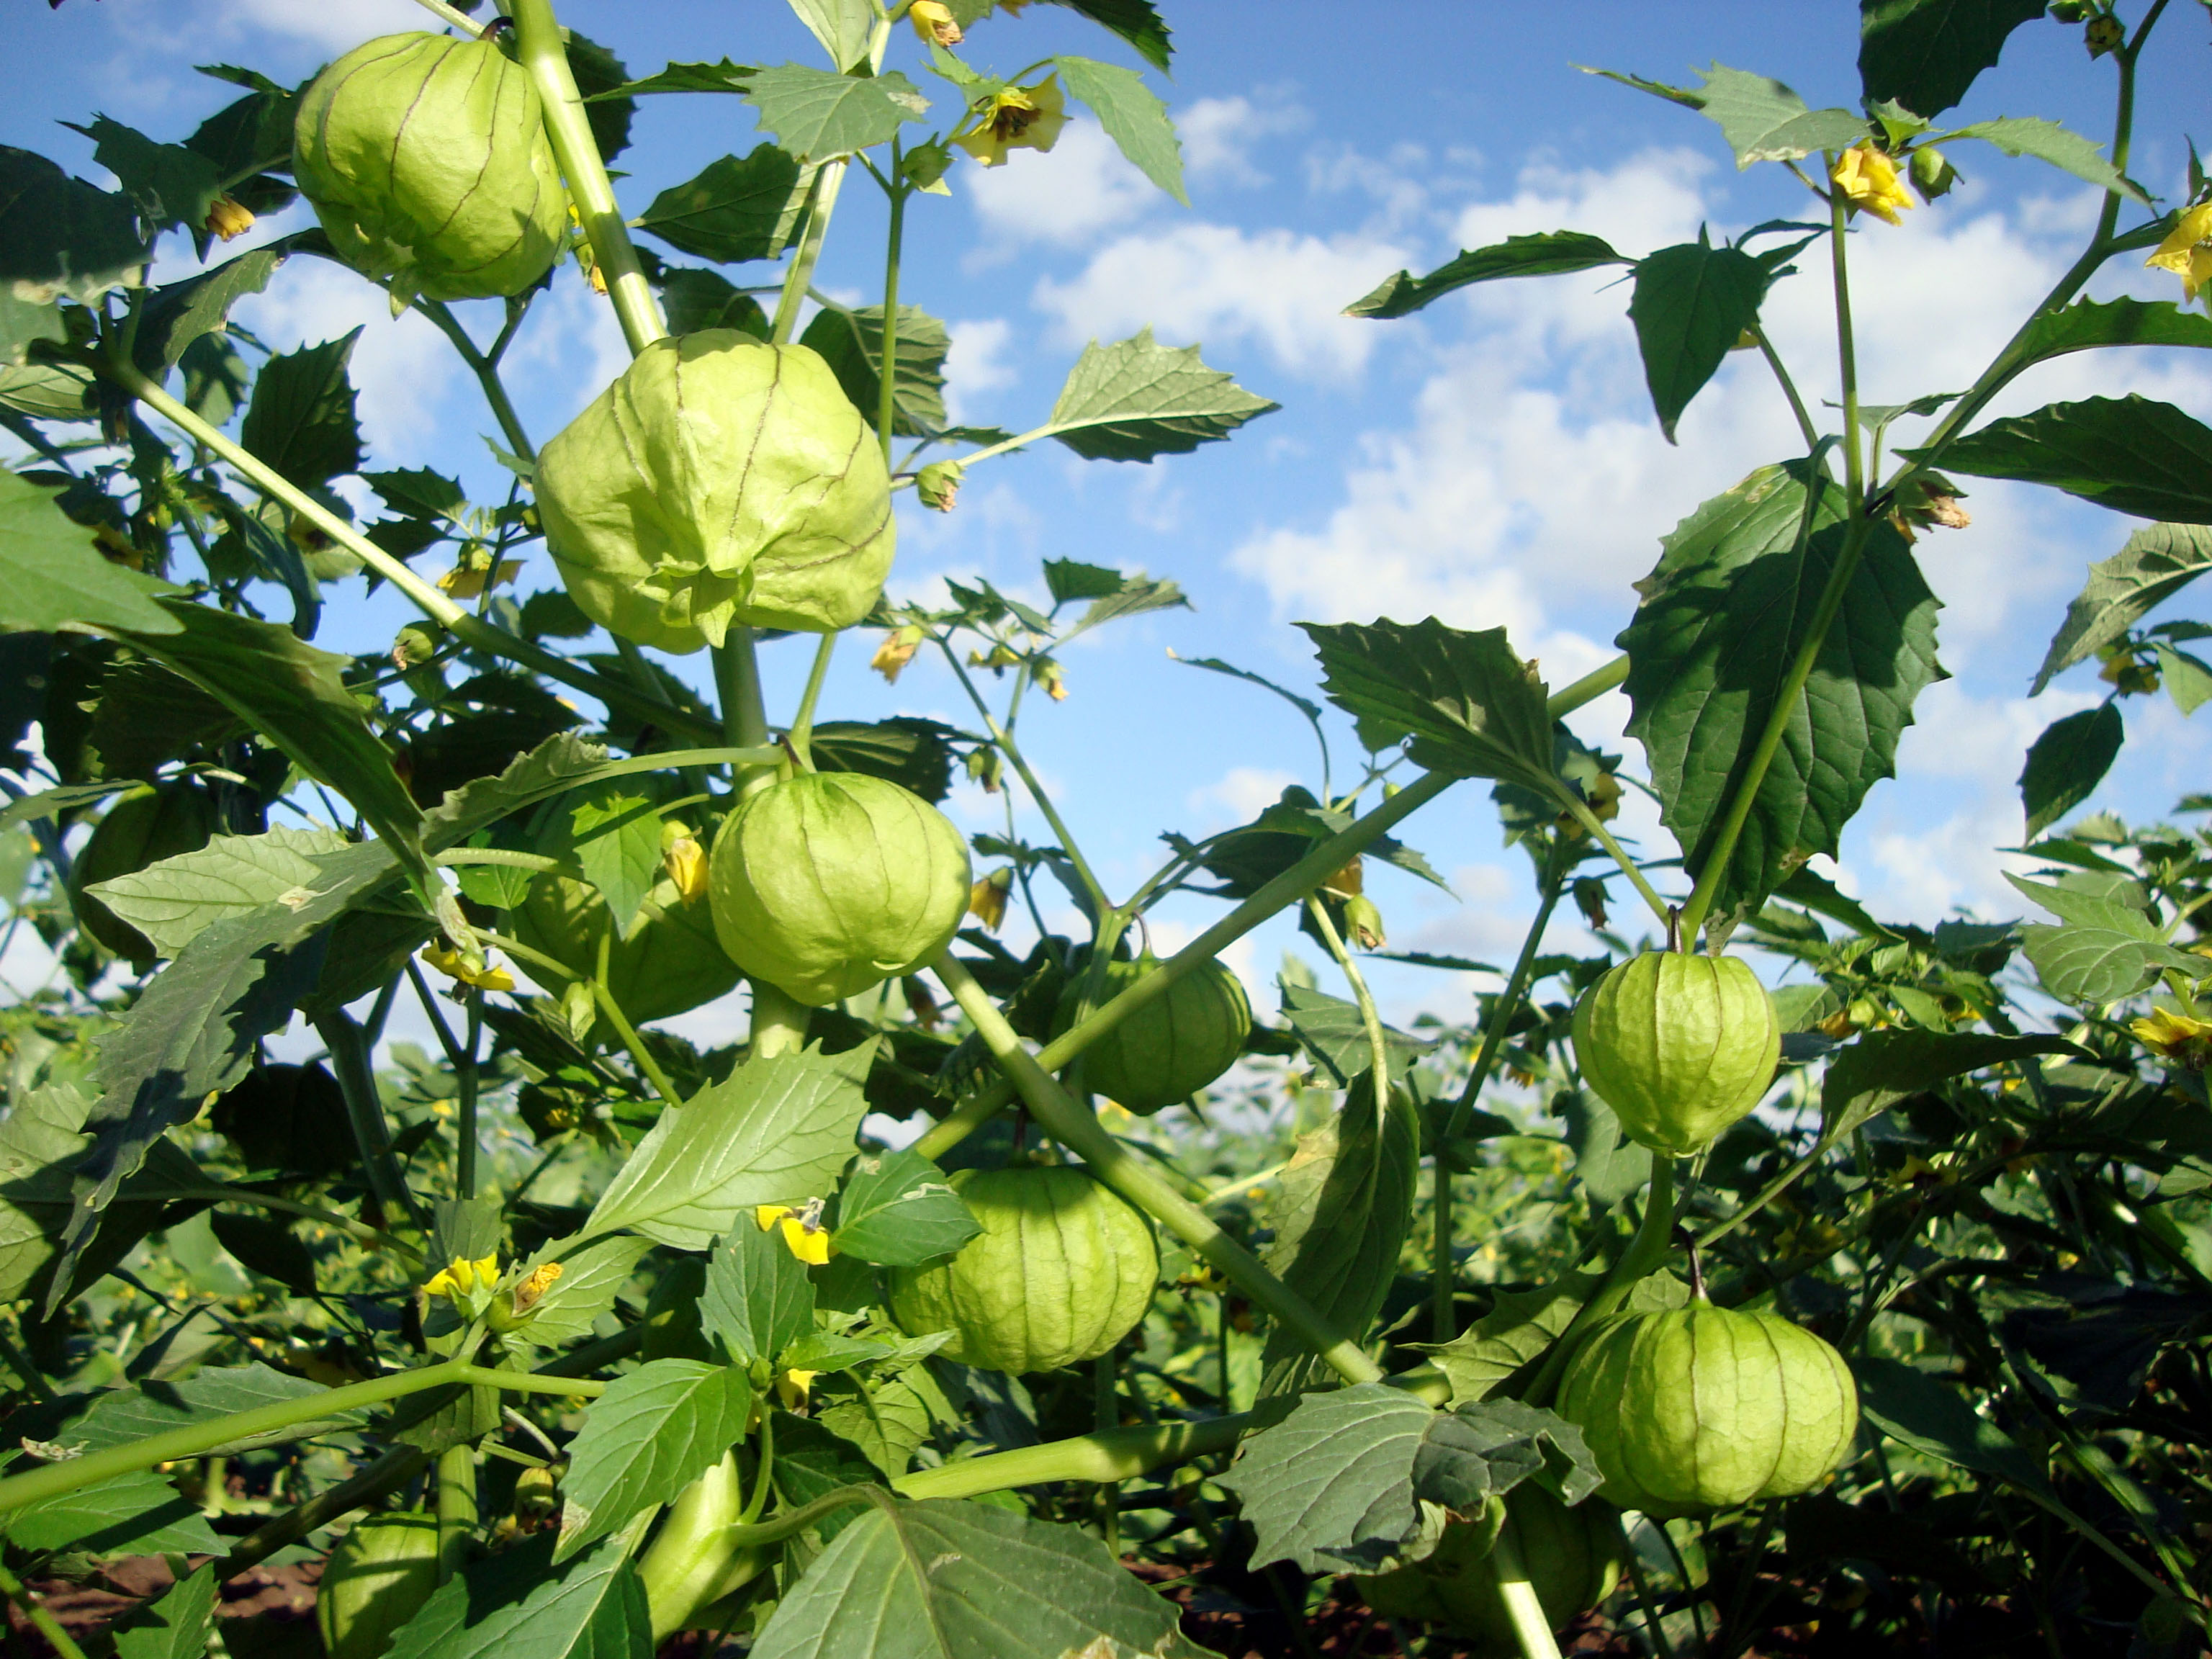 Planta de tomate verde de cáscara.